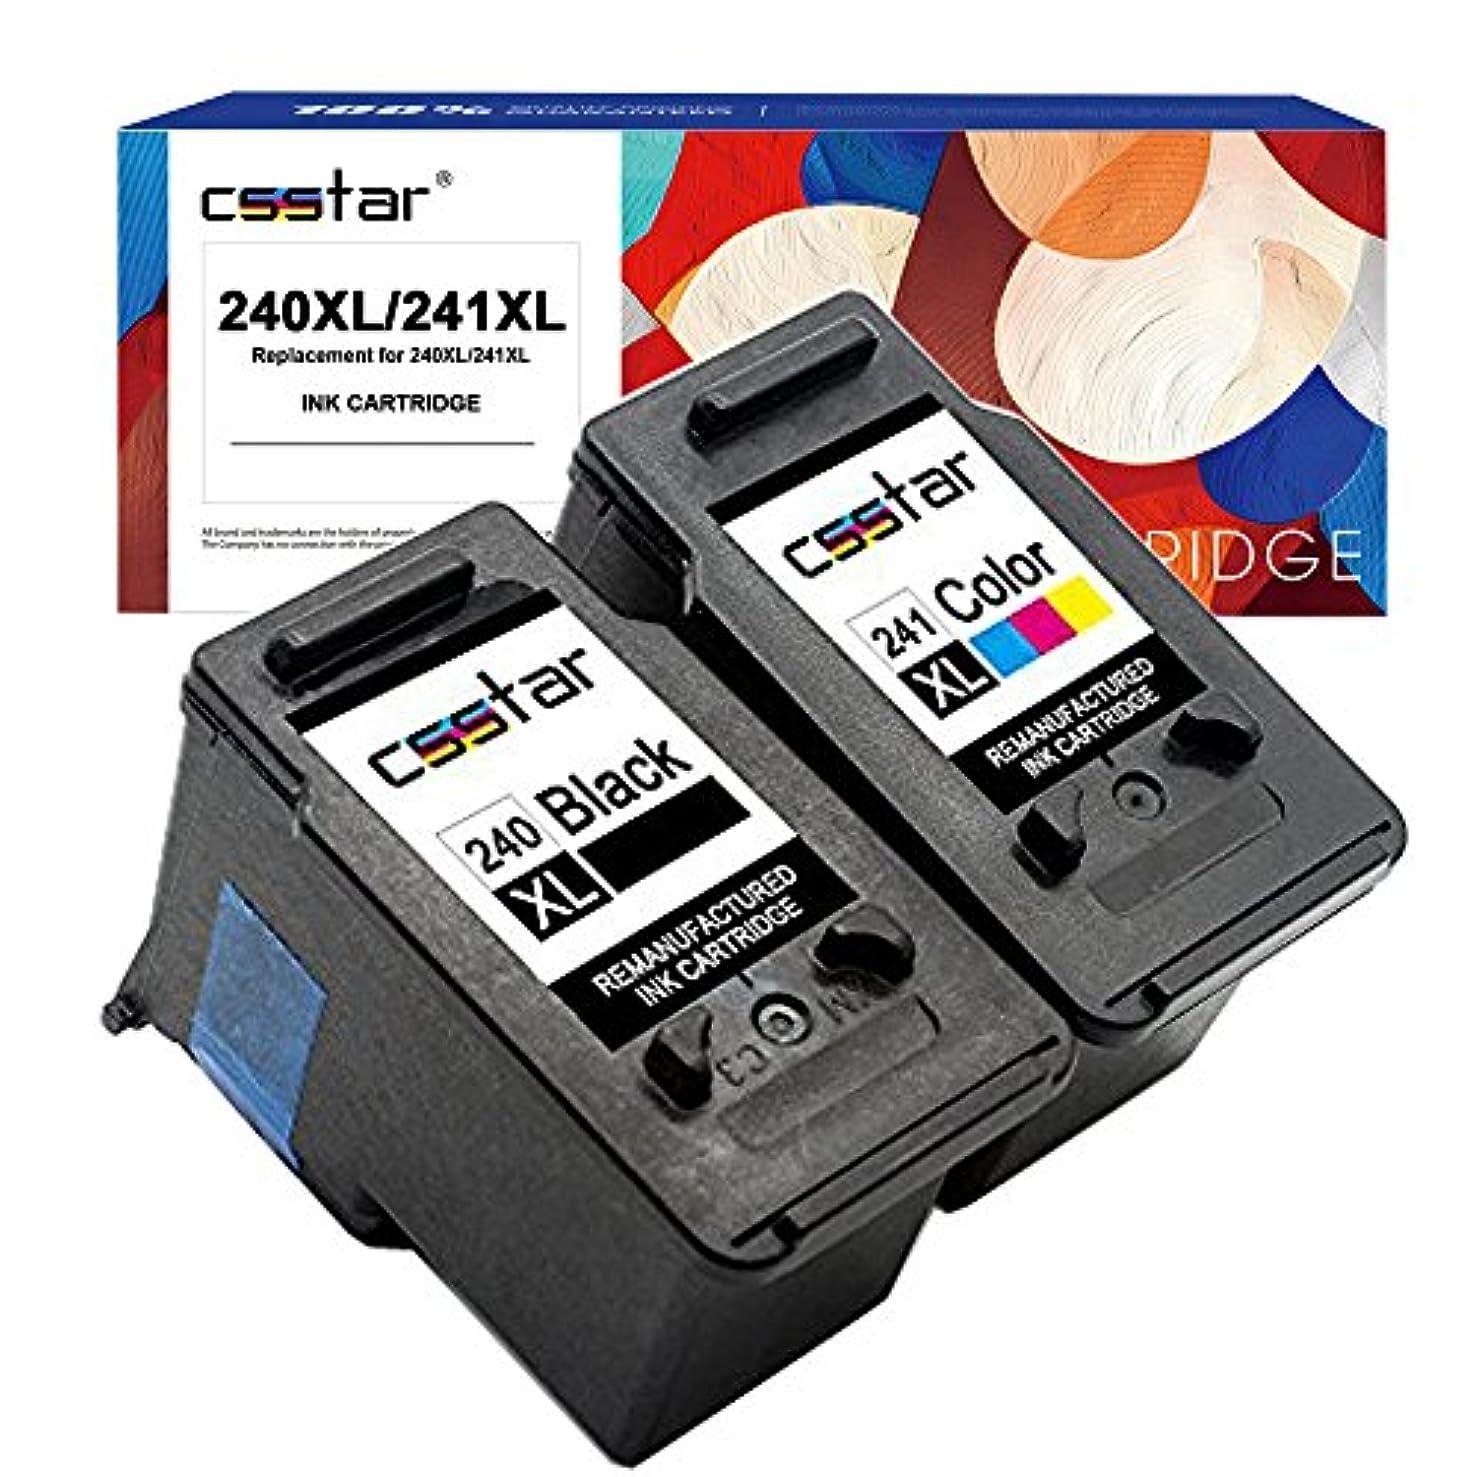 CSSTAR Remanufactured Ink Cartridge Replacement for Canon PG-240XL CL-241XL 240 241 XL for PIXMA MG3620 MG3520 MX532 MG3220 MX472 MX452 MX432 MG3522 MG3120 MG3122 MG2220 MX392 Printer, Black and Color